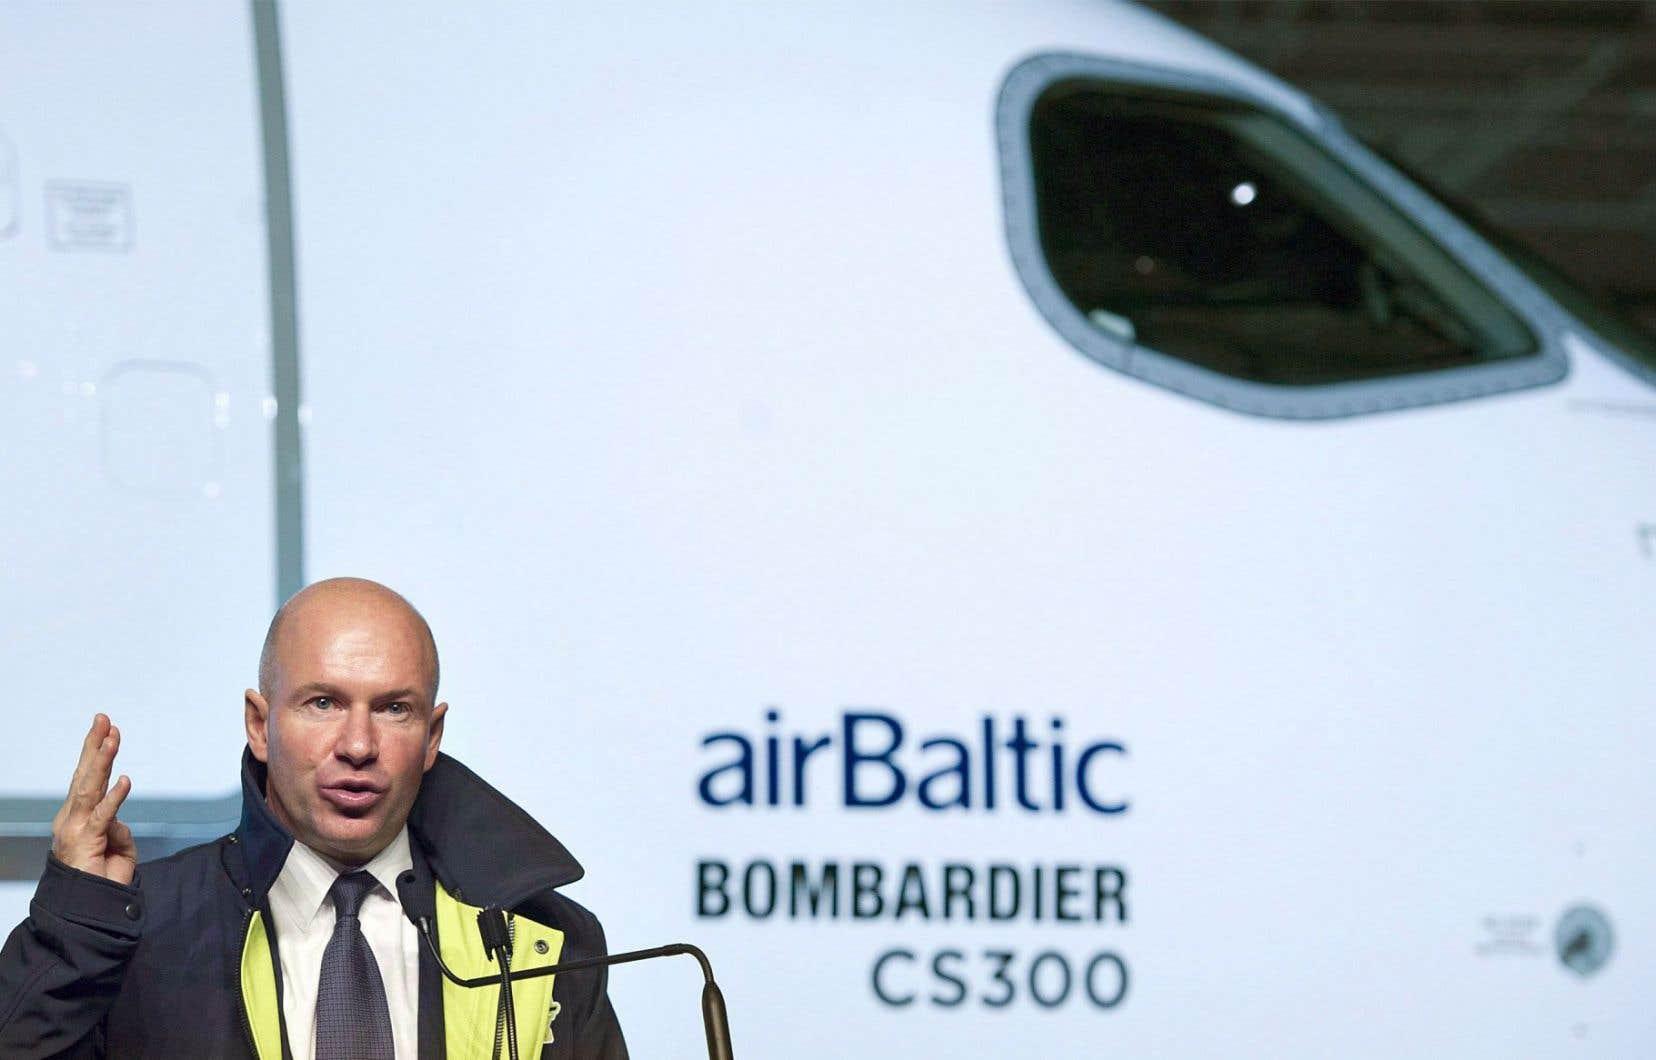 Le chef de la direction de Bombardier, Alain Bellemare